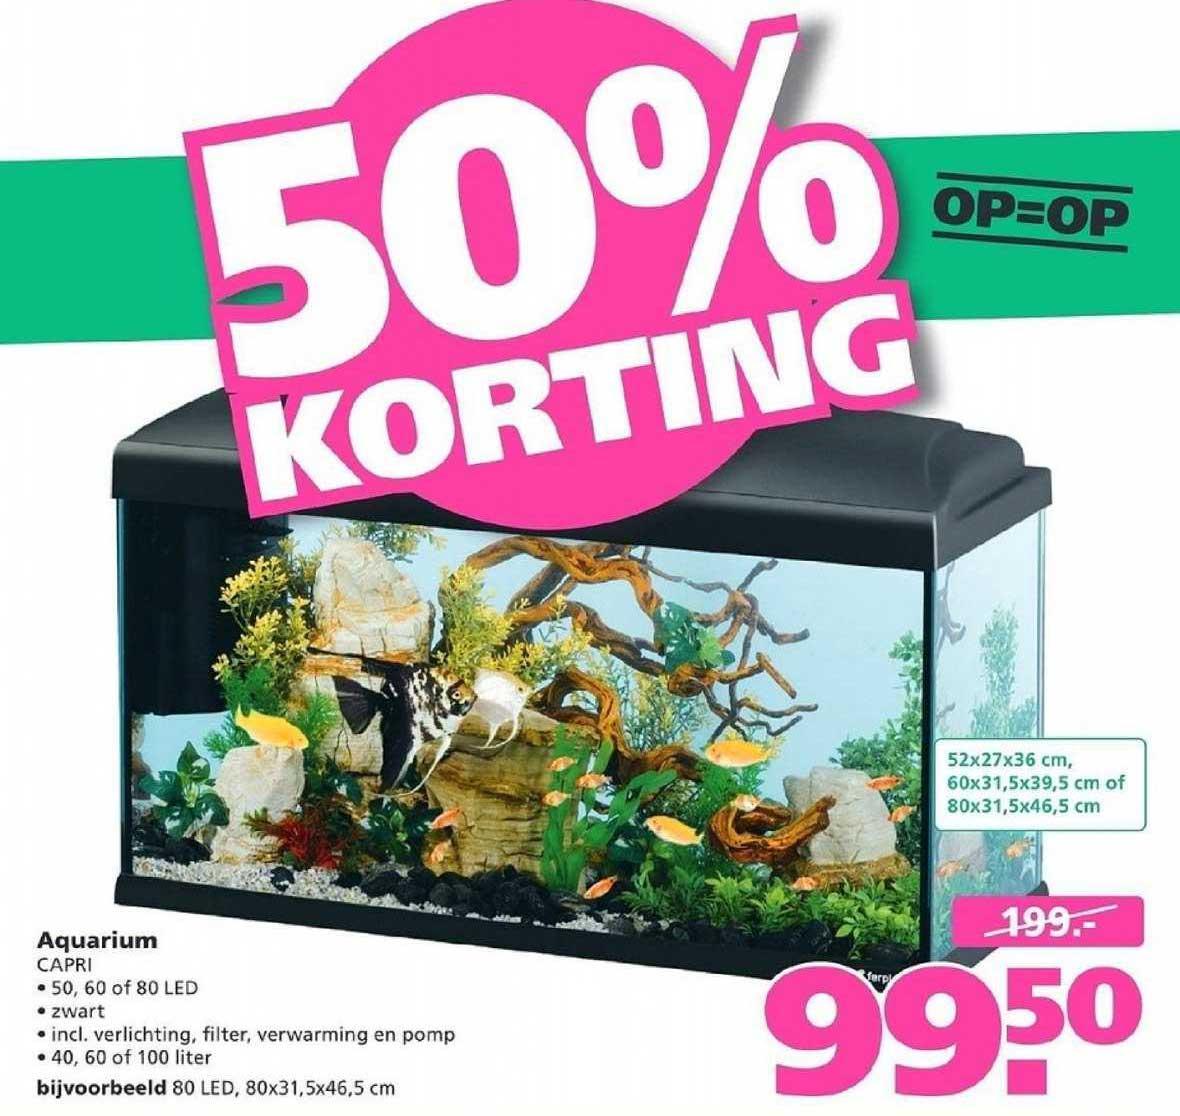 Ranzijn Tuin & Dier Aquarium 50% Korting